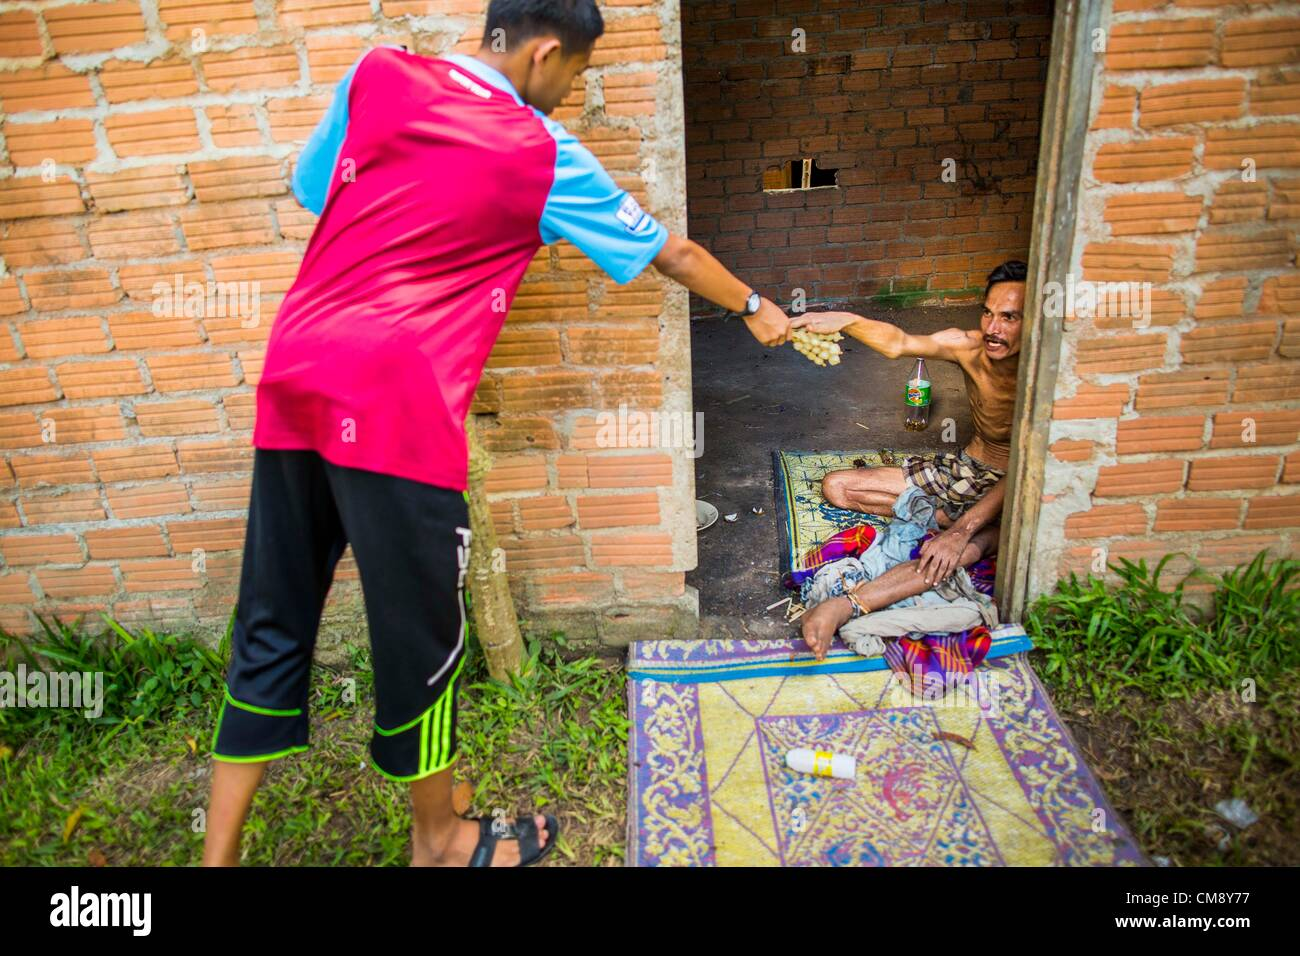 Ottobre 29, 2012 - Mayo, Pattani, Tailandia - un quartiere ragazzo porta il cibo per un paziente presso il Bukit Immagini Stock